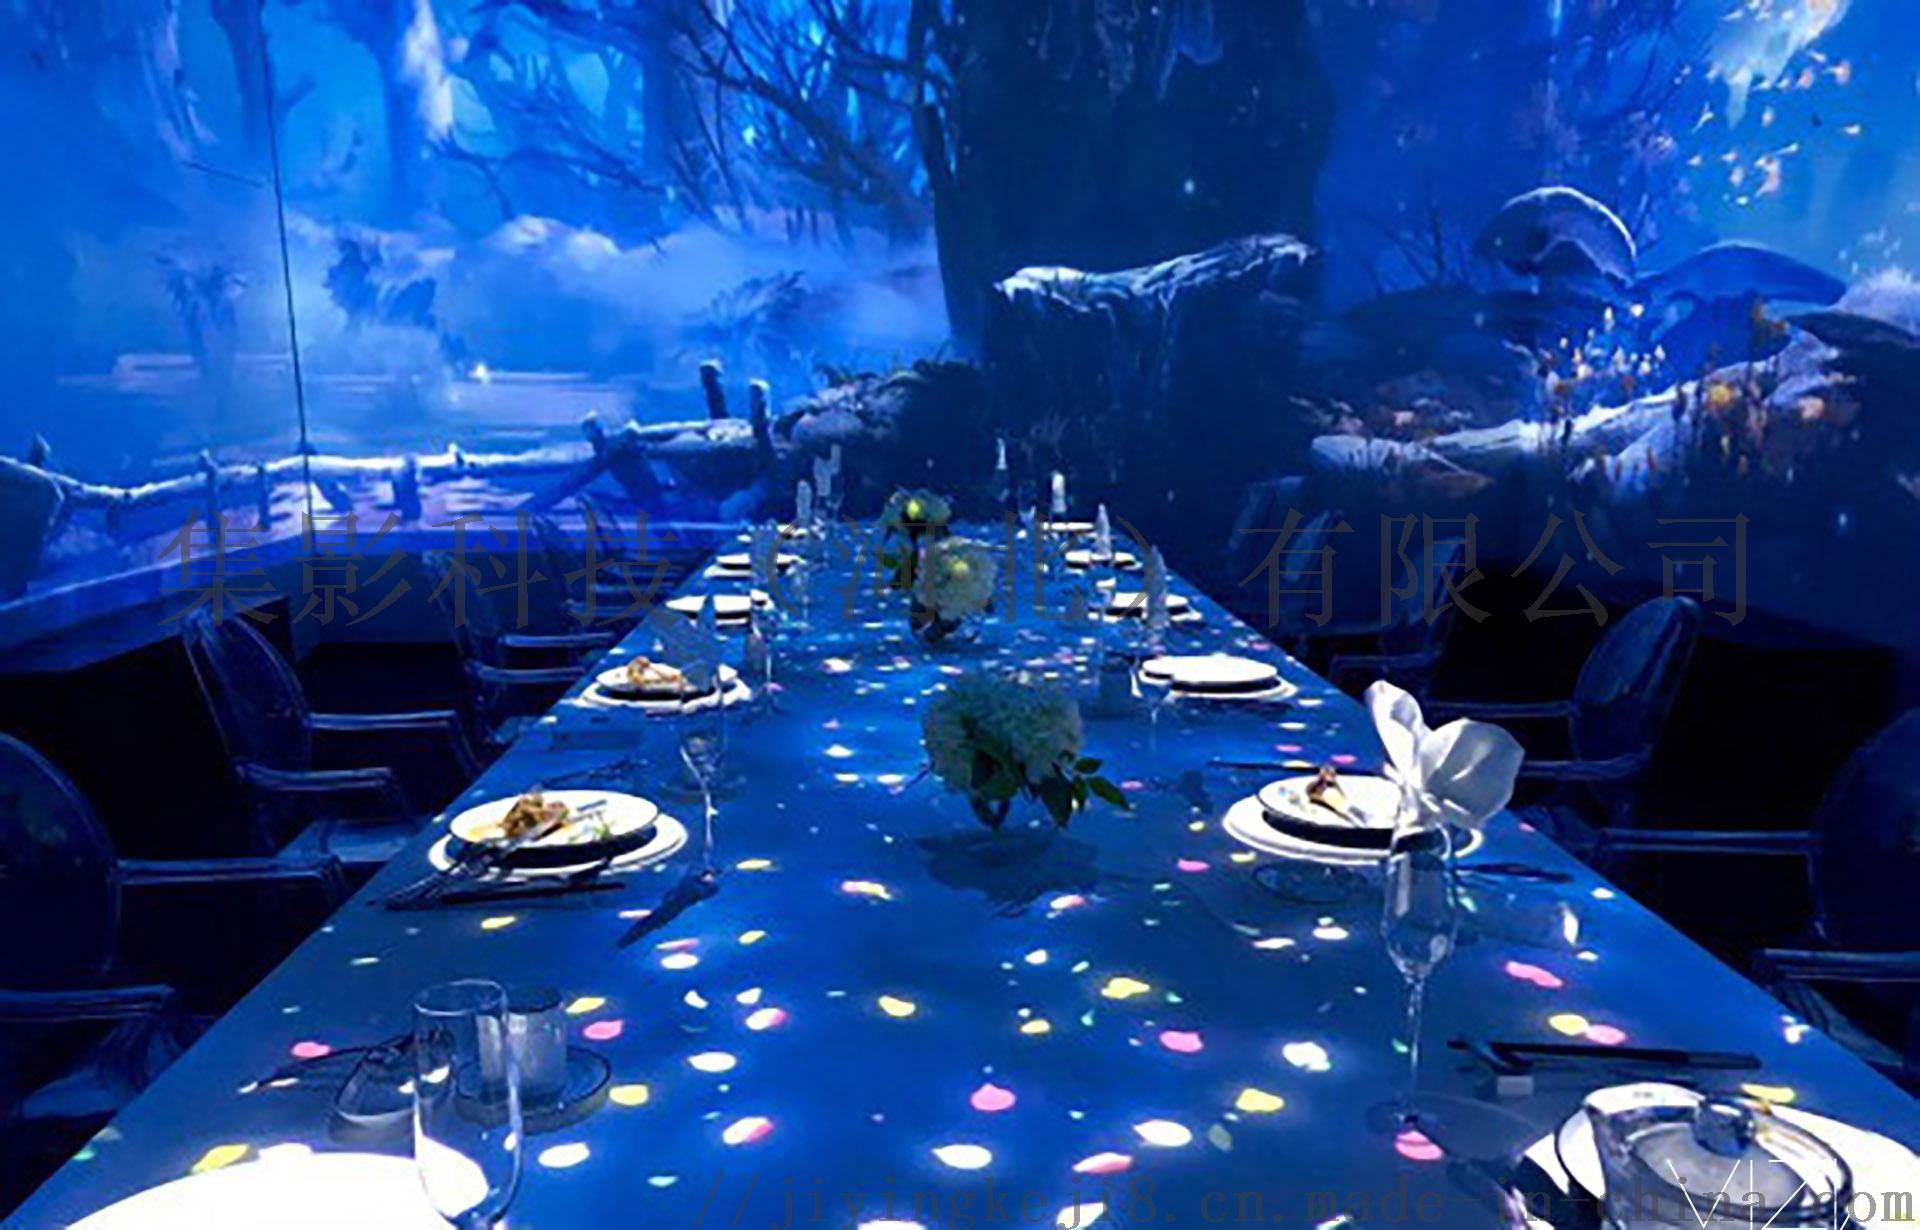 沉浸式餐厅1.jpg